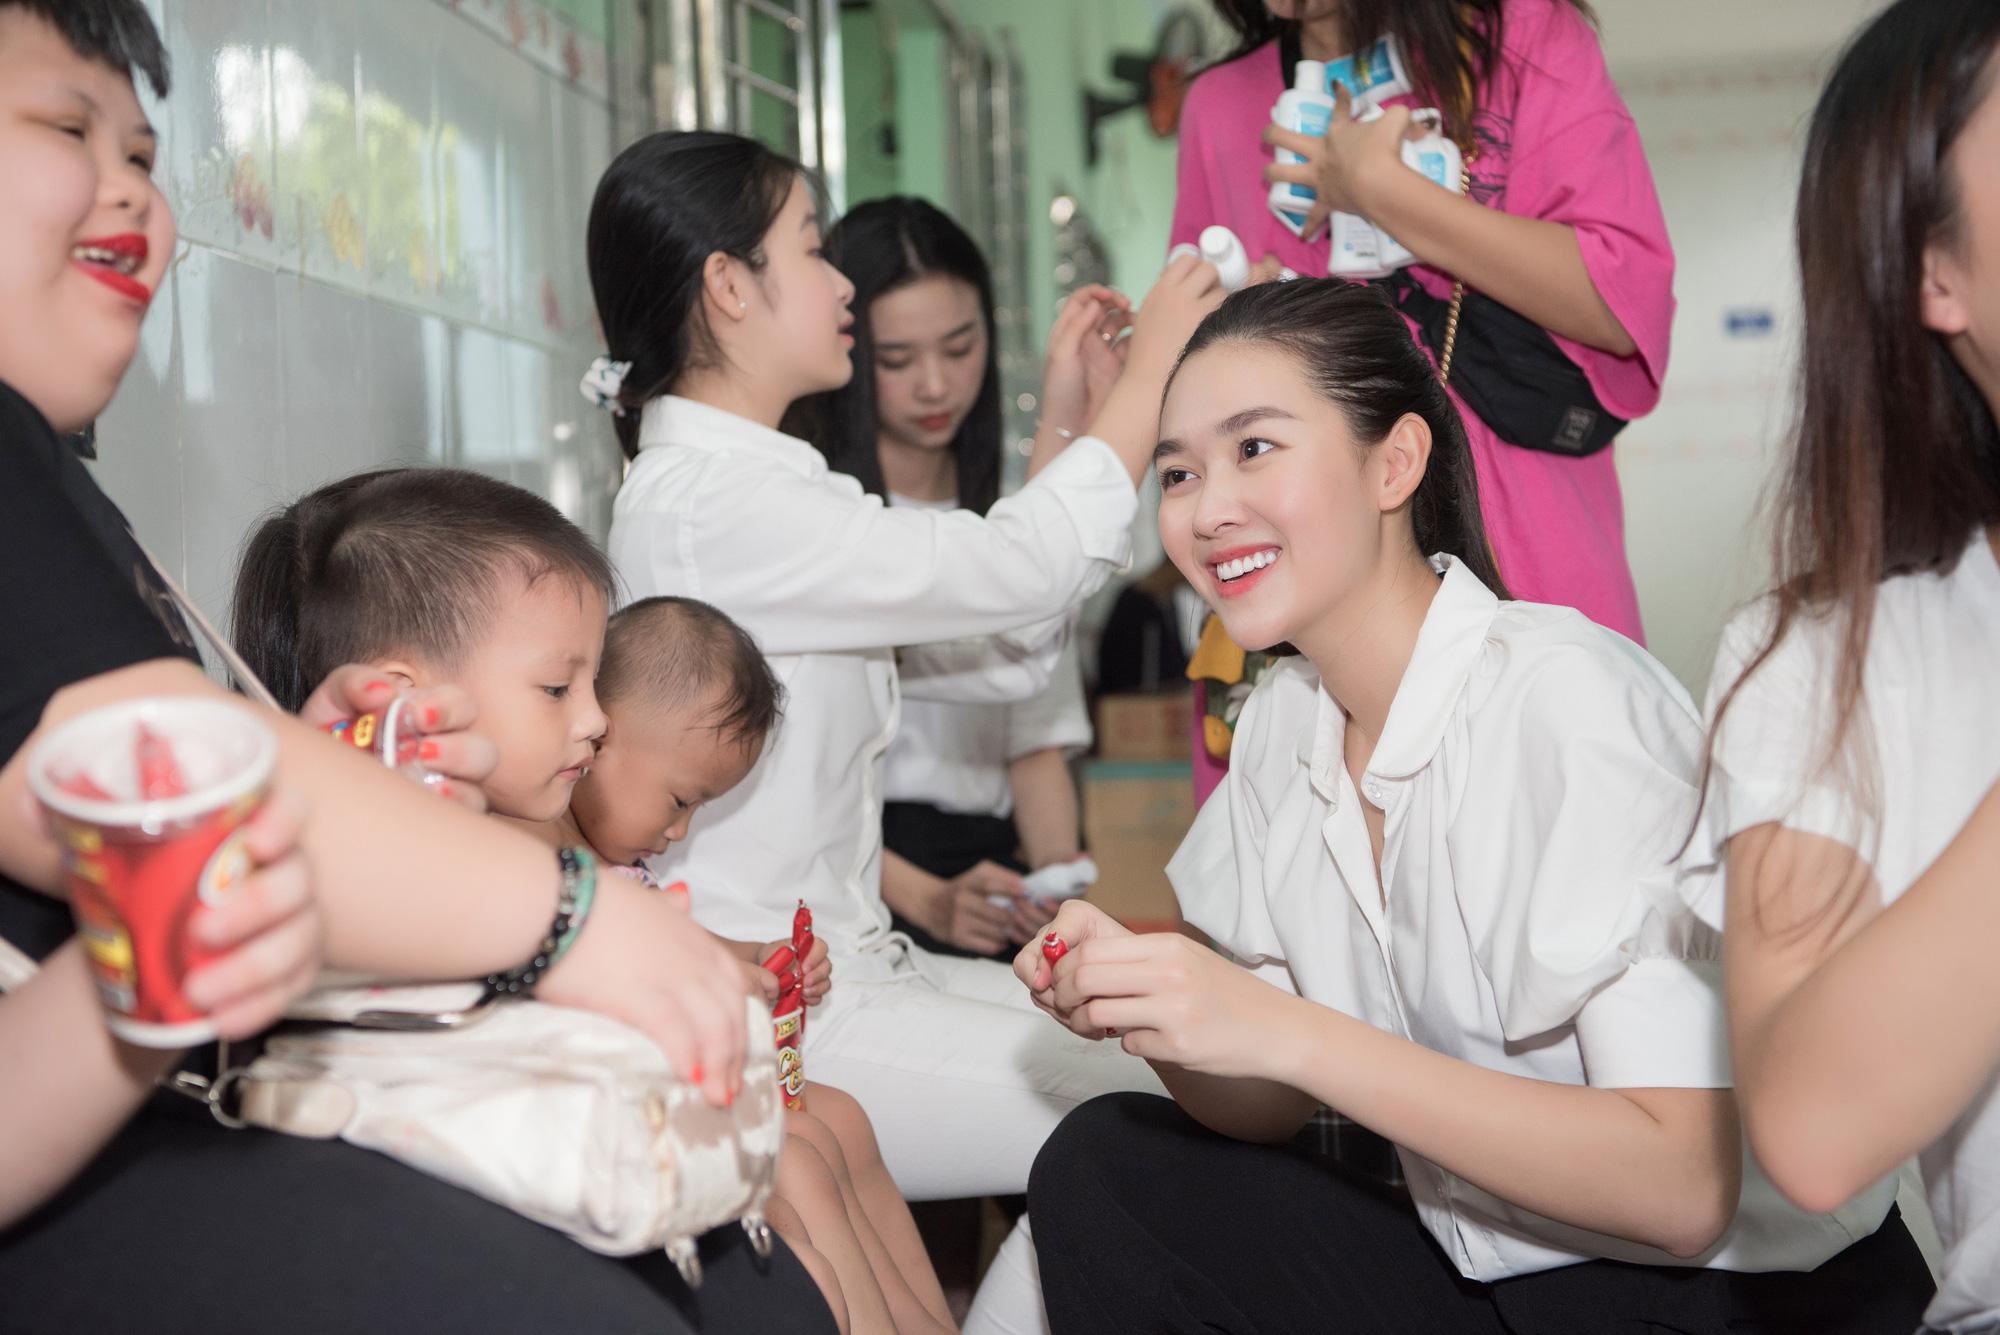 Lương Thuỳ Linh, Trần Tiểu Vy mặc giản dị xinh đẹp tặng quà cho trẻ em mồ côi ngày Quốc tế Thiếu nhi - Ảnh 8.